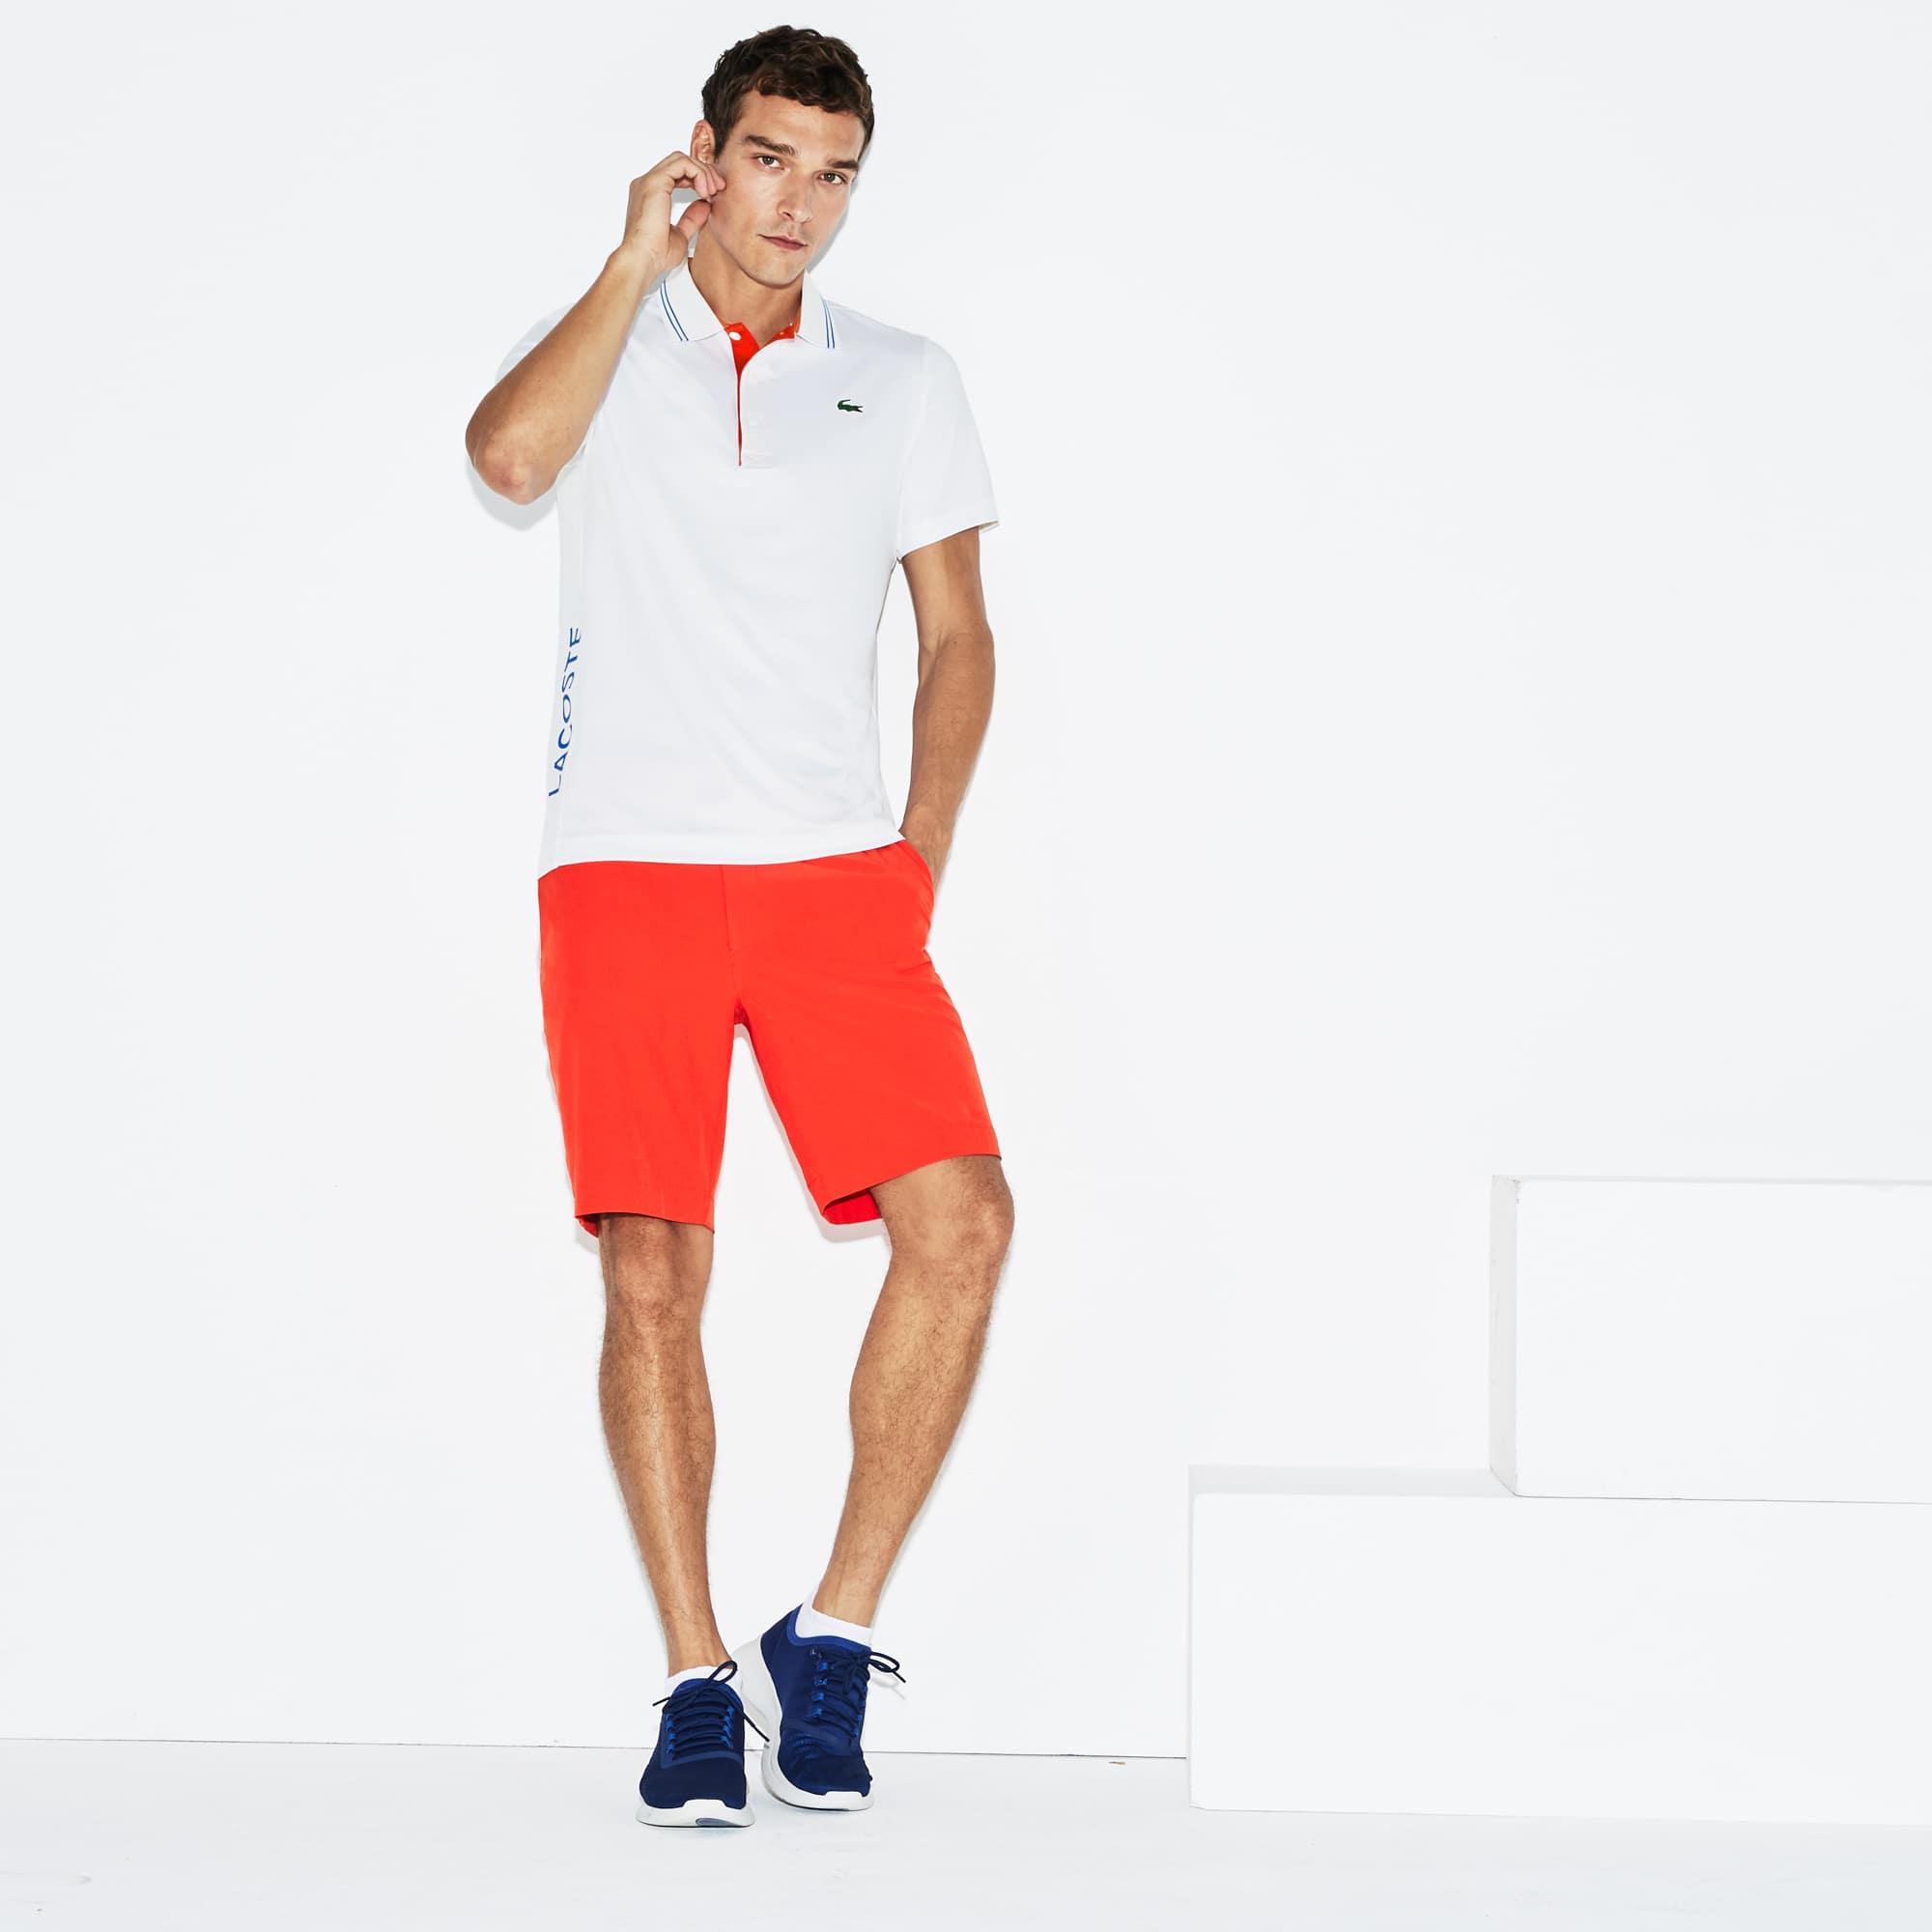 Lacoste - Herren LACOSTE SPORT Stretch Golf-Poloshirt mit Schriftzug - 5